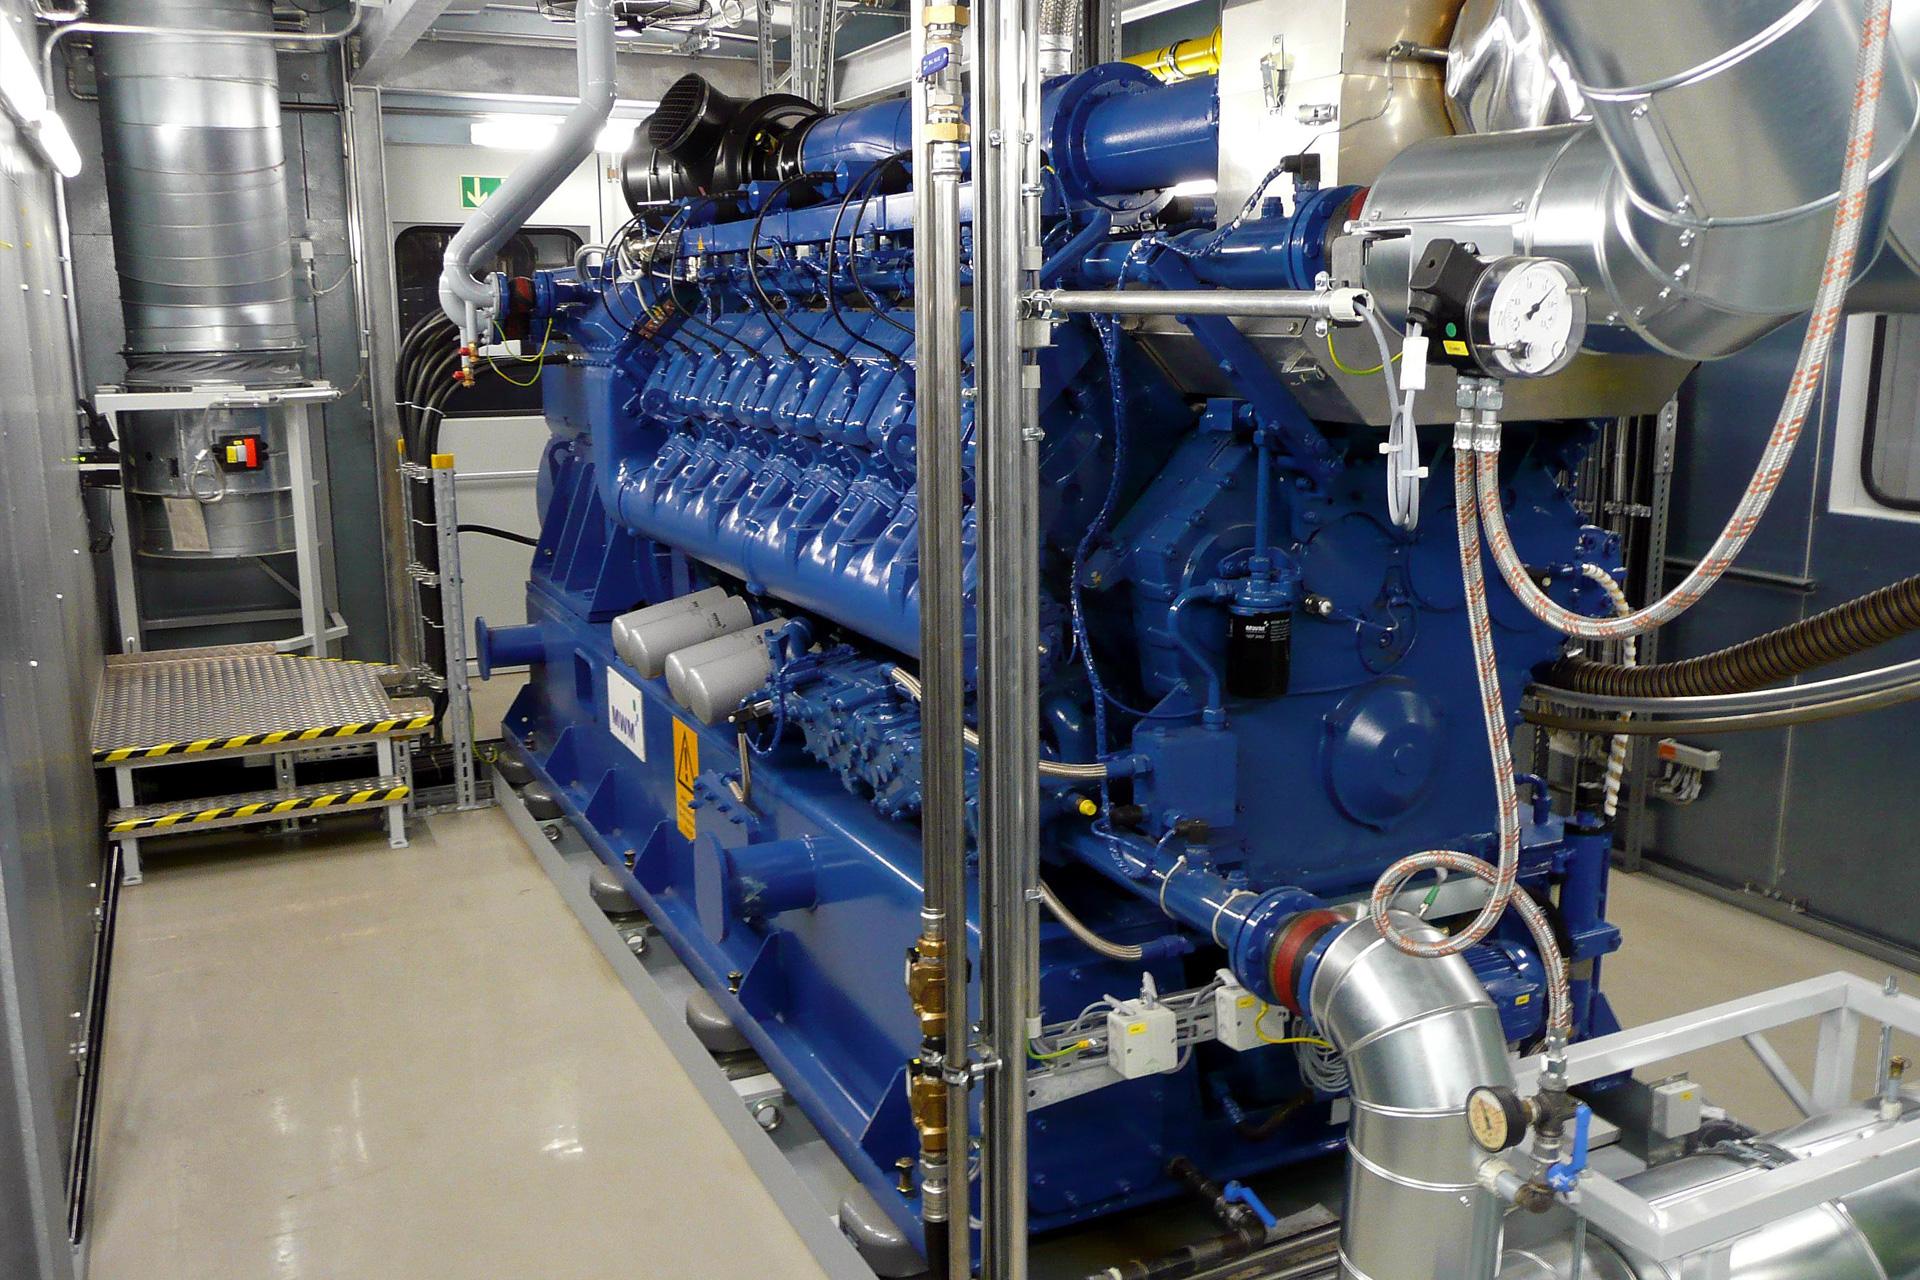 Referenzen, Blockheizkraftwerke, BHKW, 1,5 MW mit WP